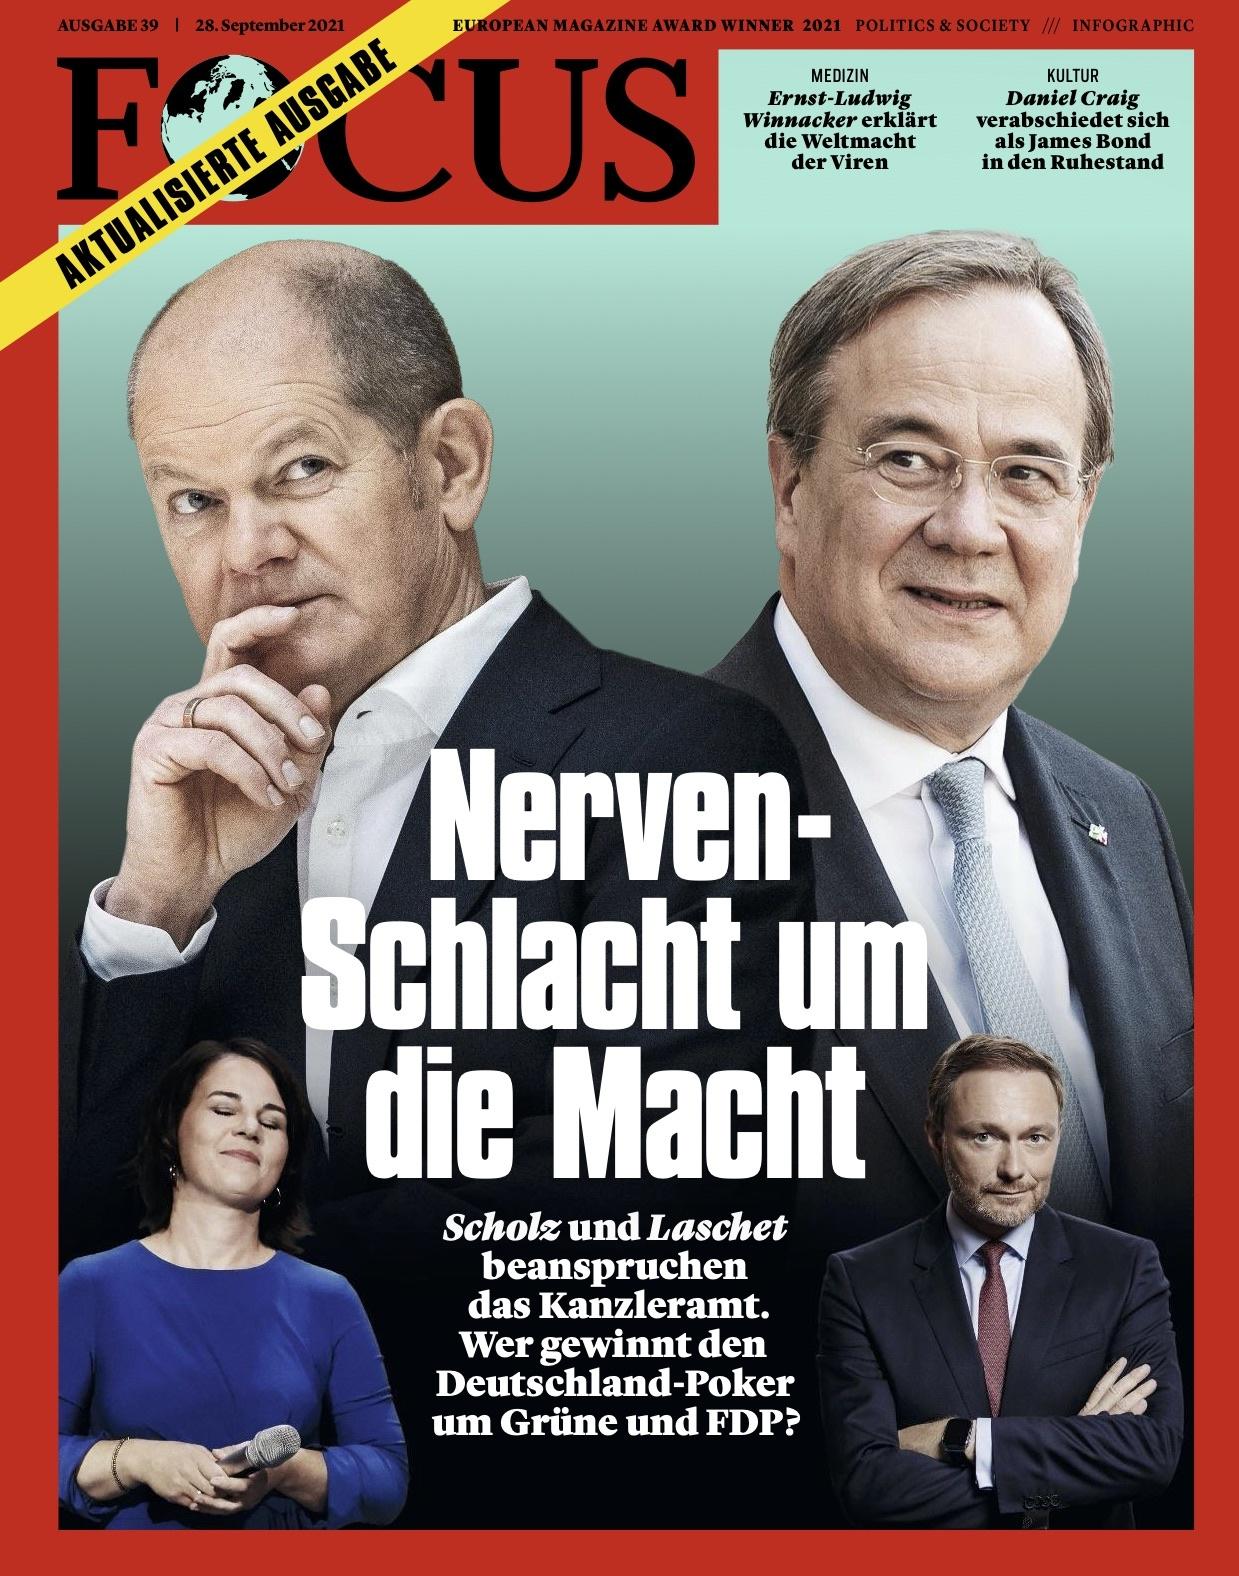 FOCUS Magazin FOCUS Magazin - Nerven-Schlacht um die Macht